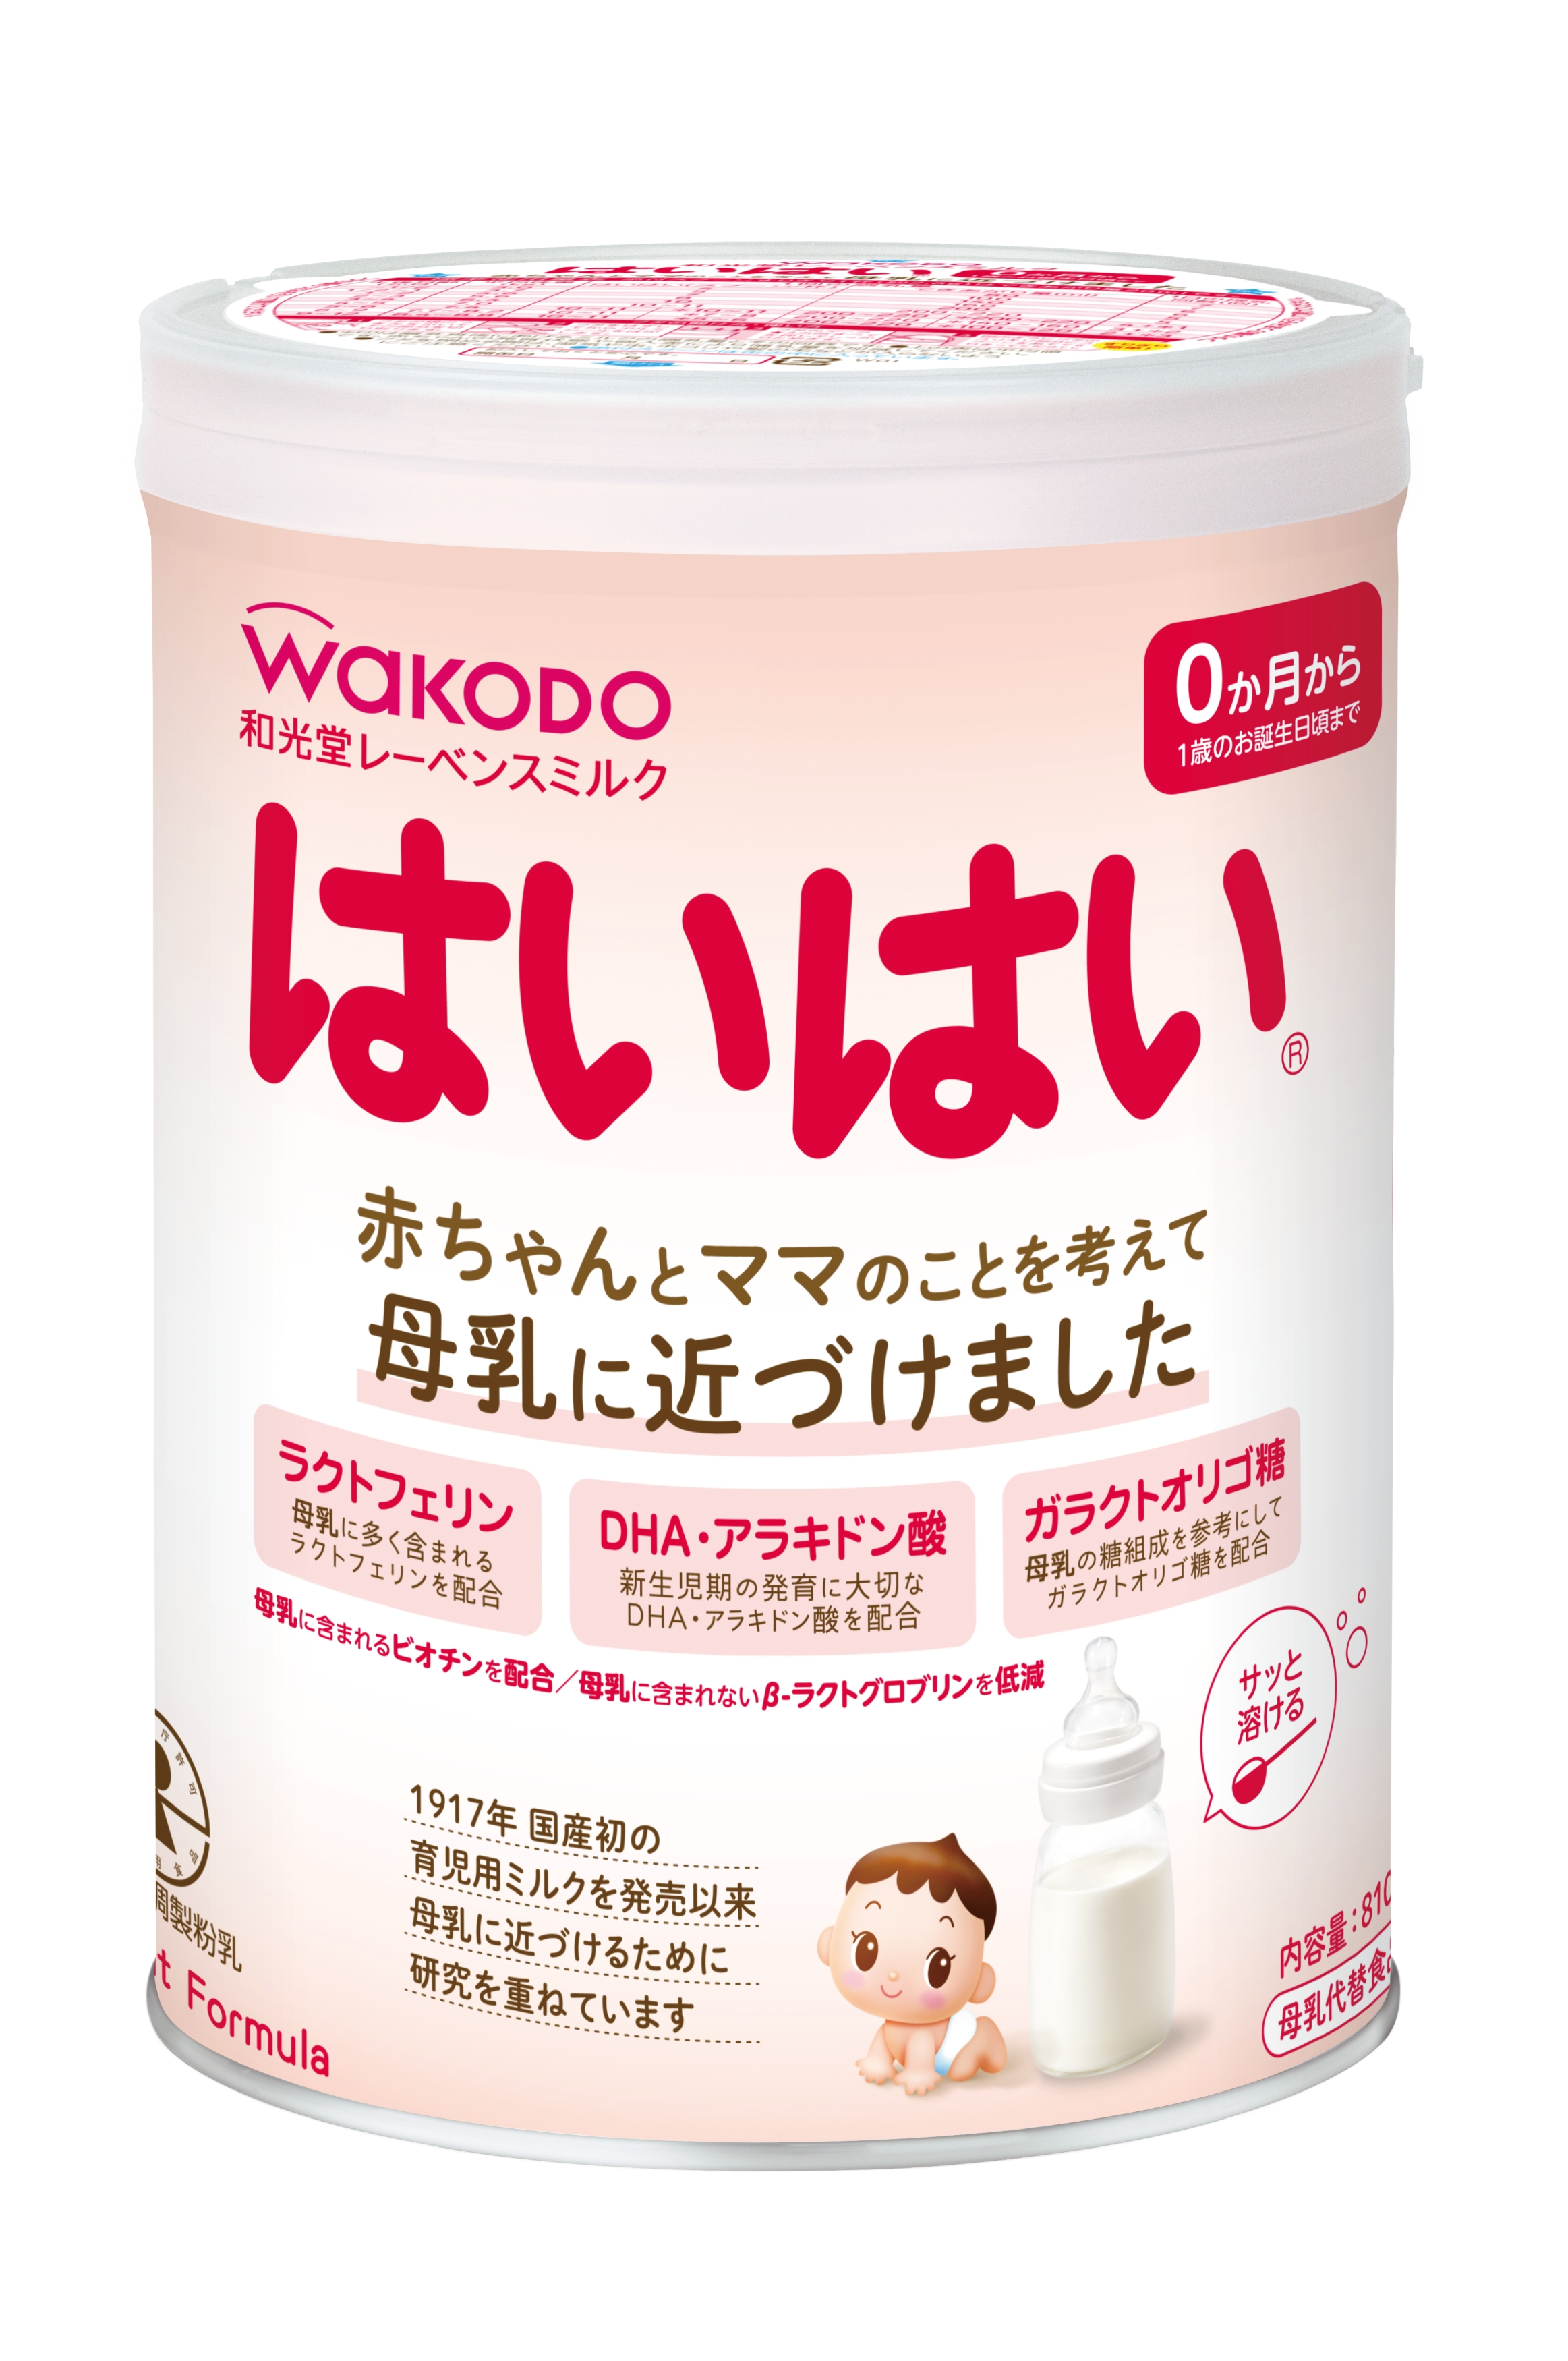 フォロー アップ ミルク と は 3 離乳の支援のポイント - mhlw.go.jp